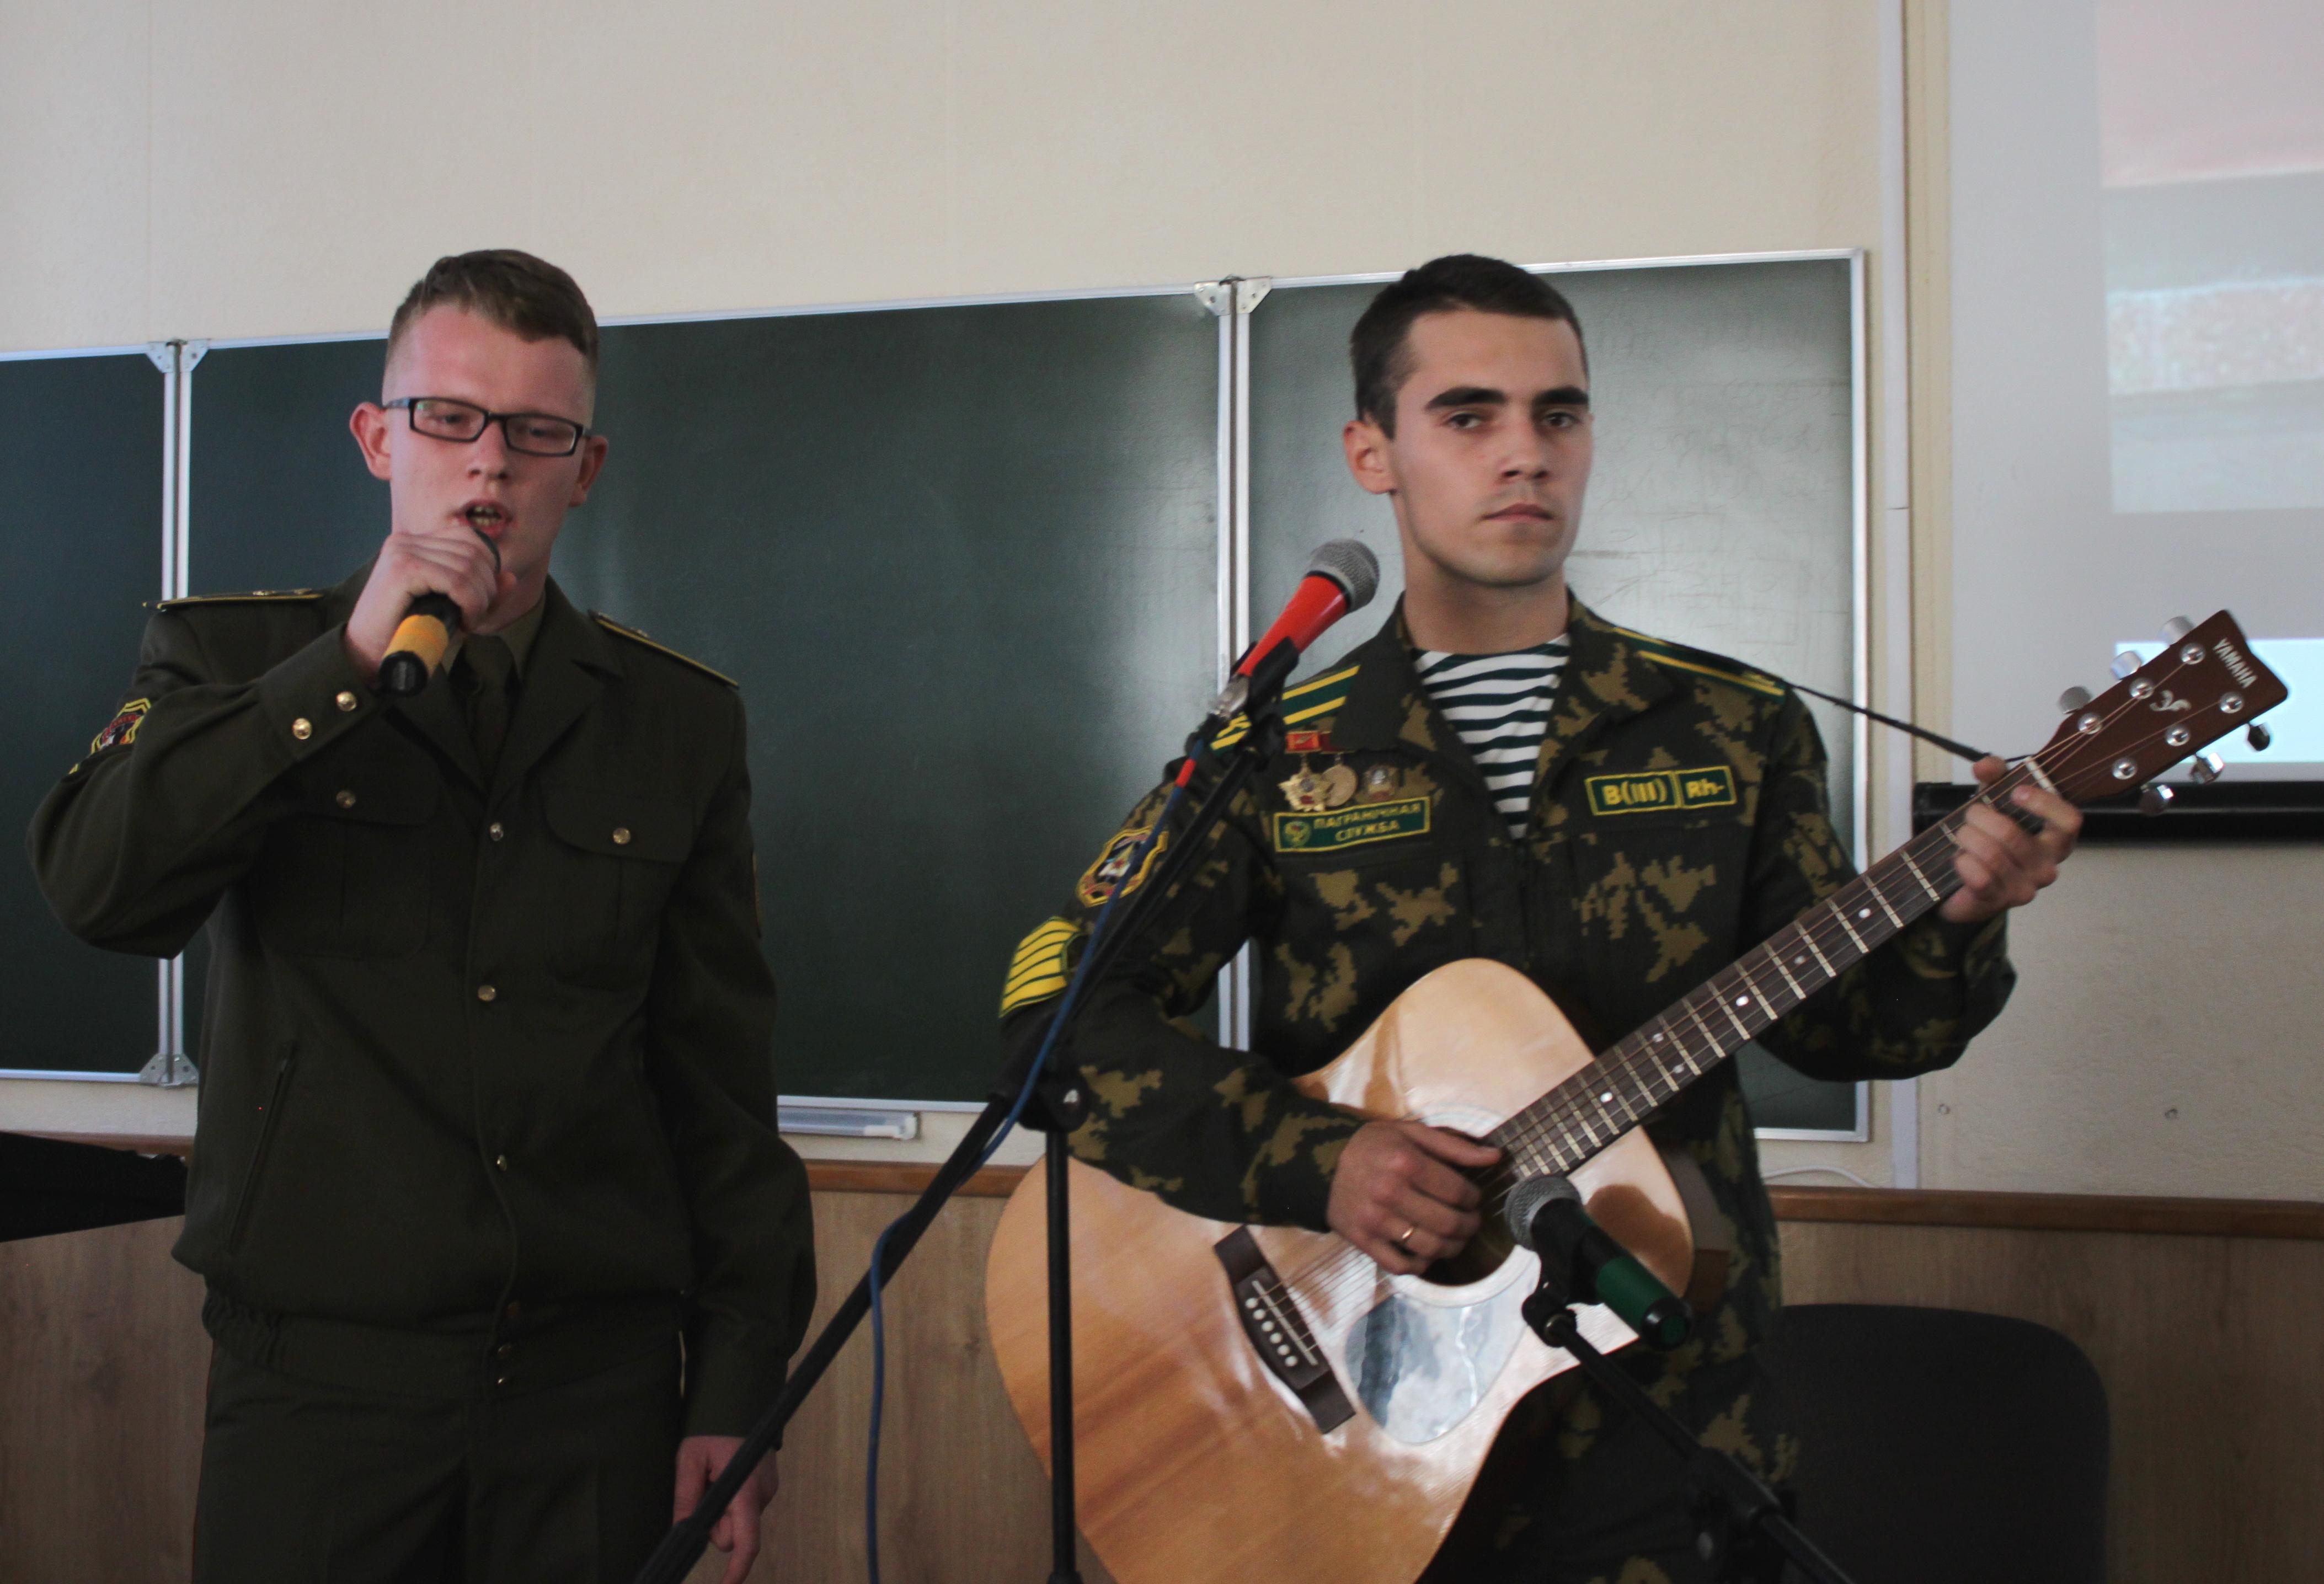 Курсанты Алексей Жуковский и Артем Лукашук исполнили песню под гитару